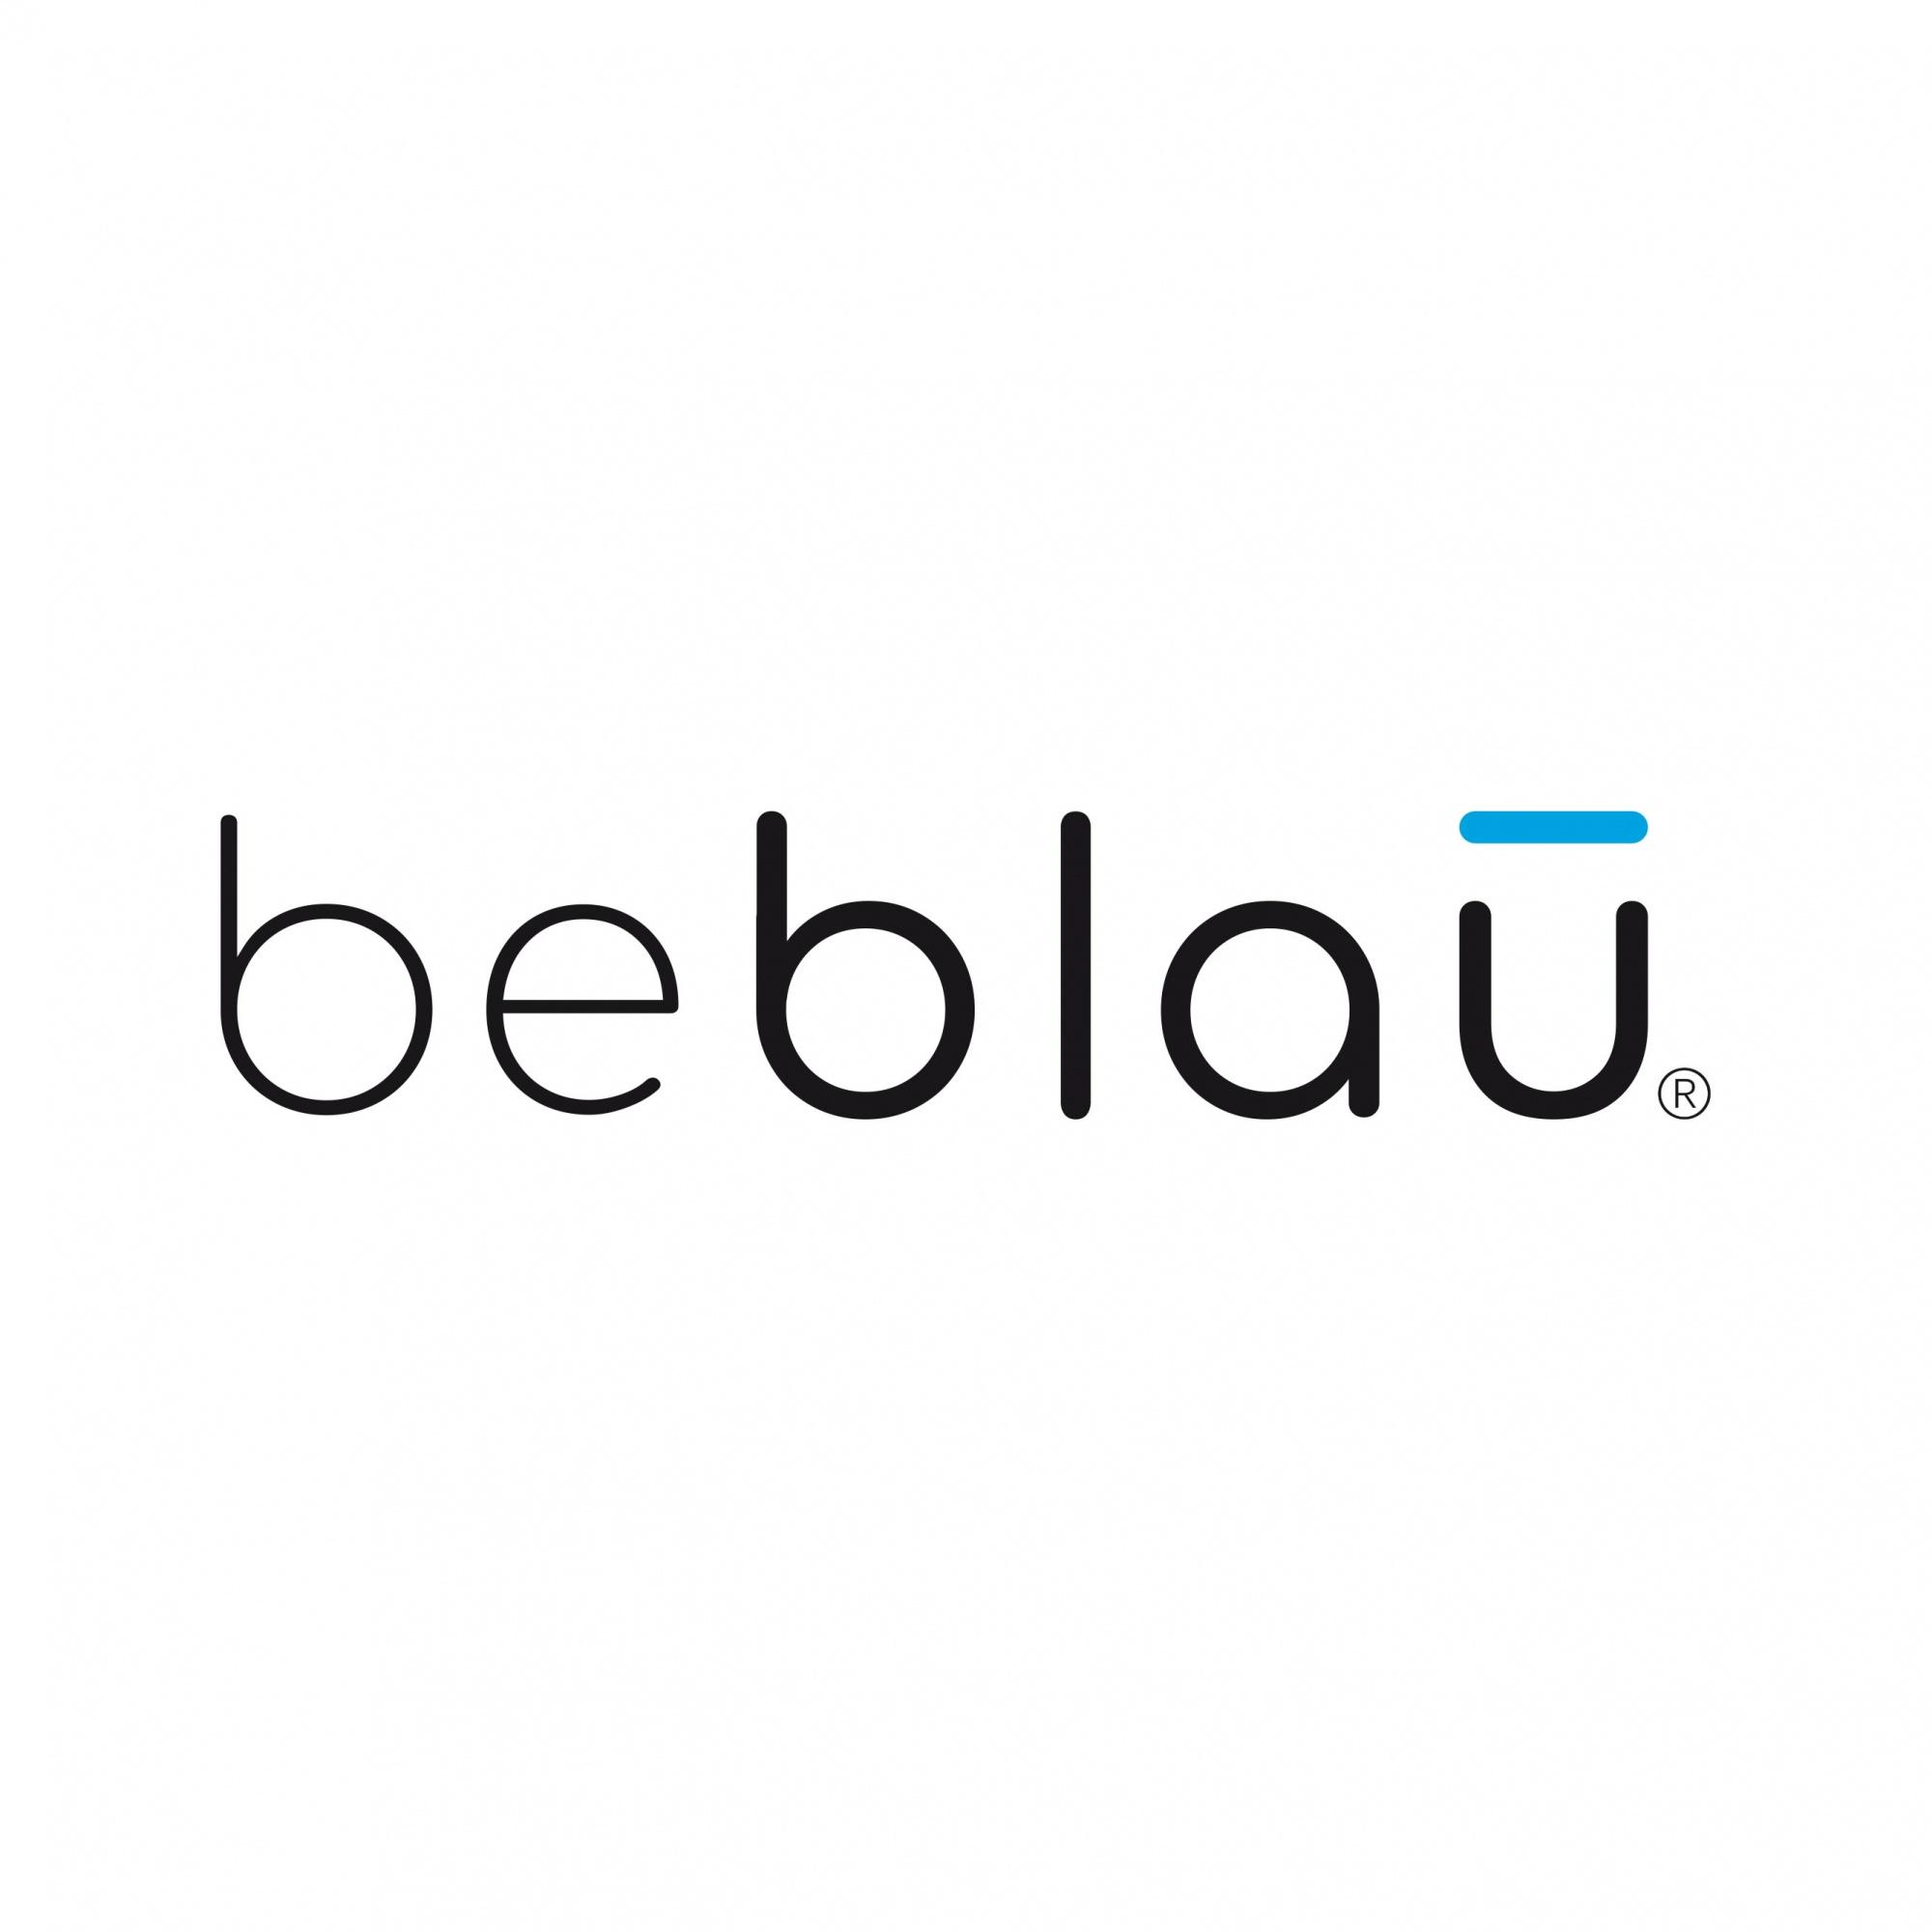 Beblau Design